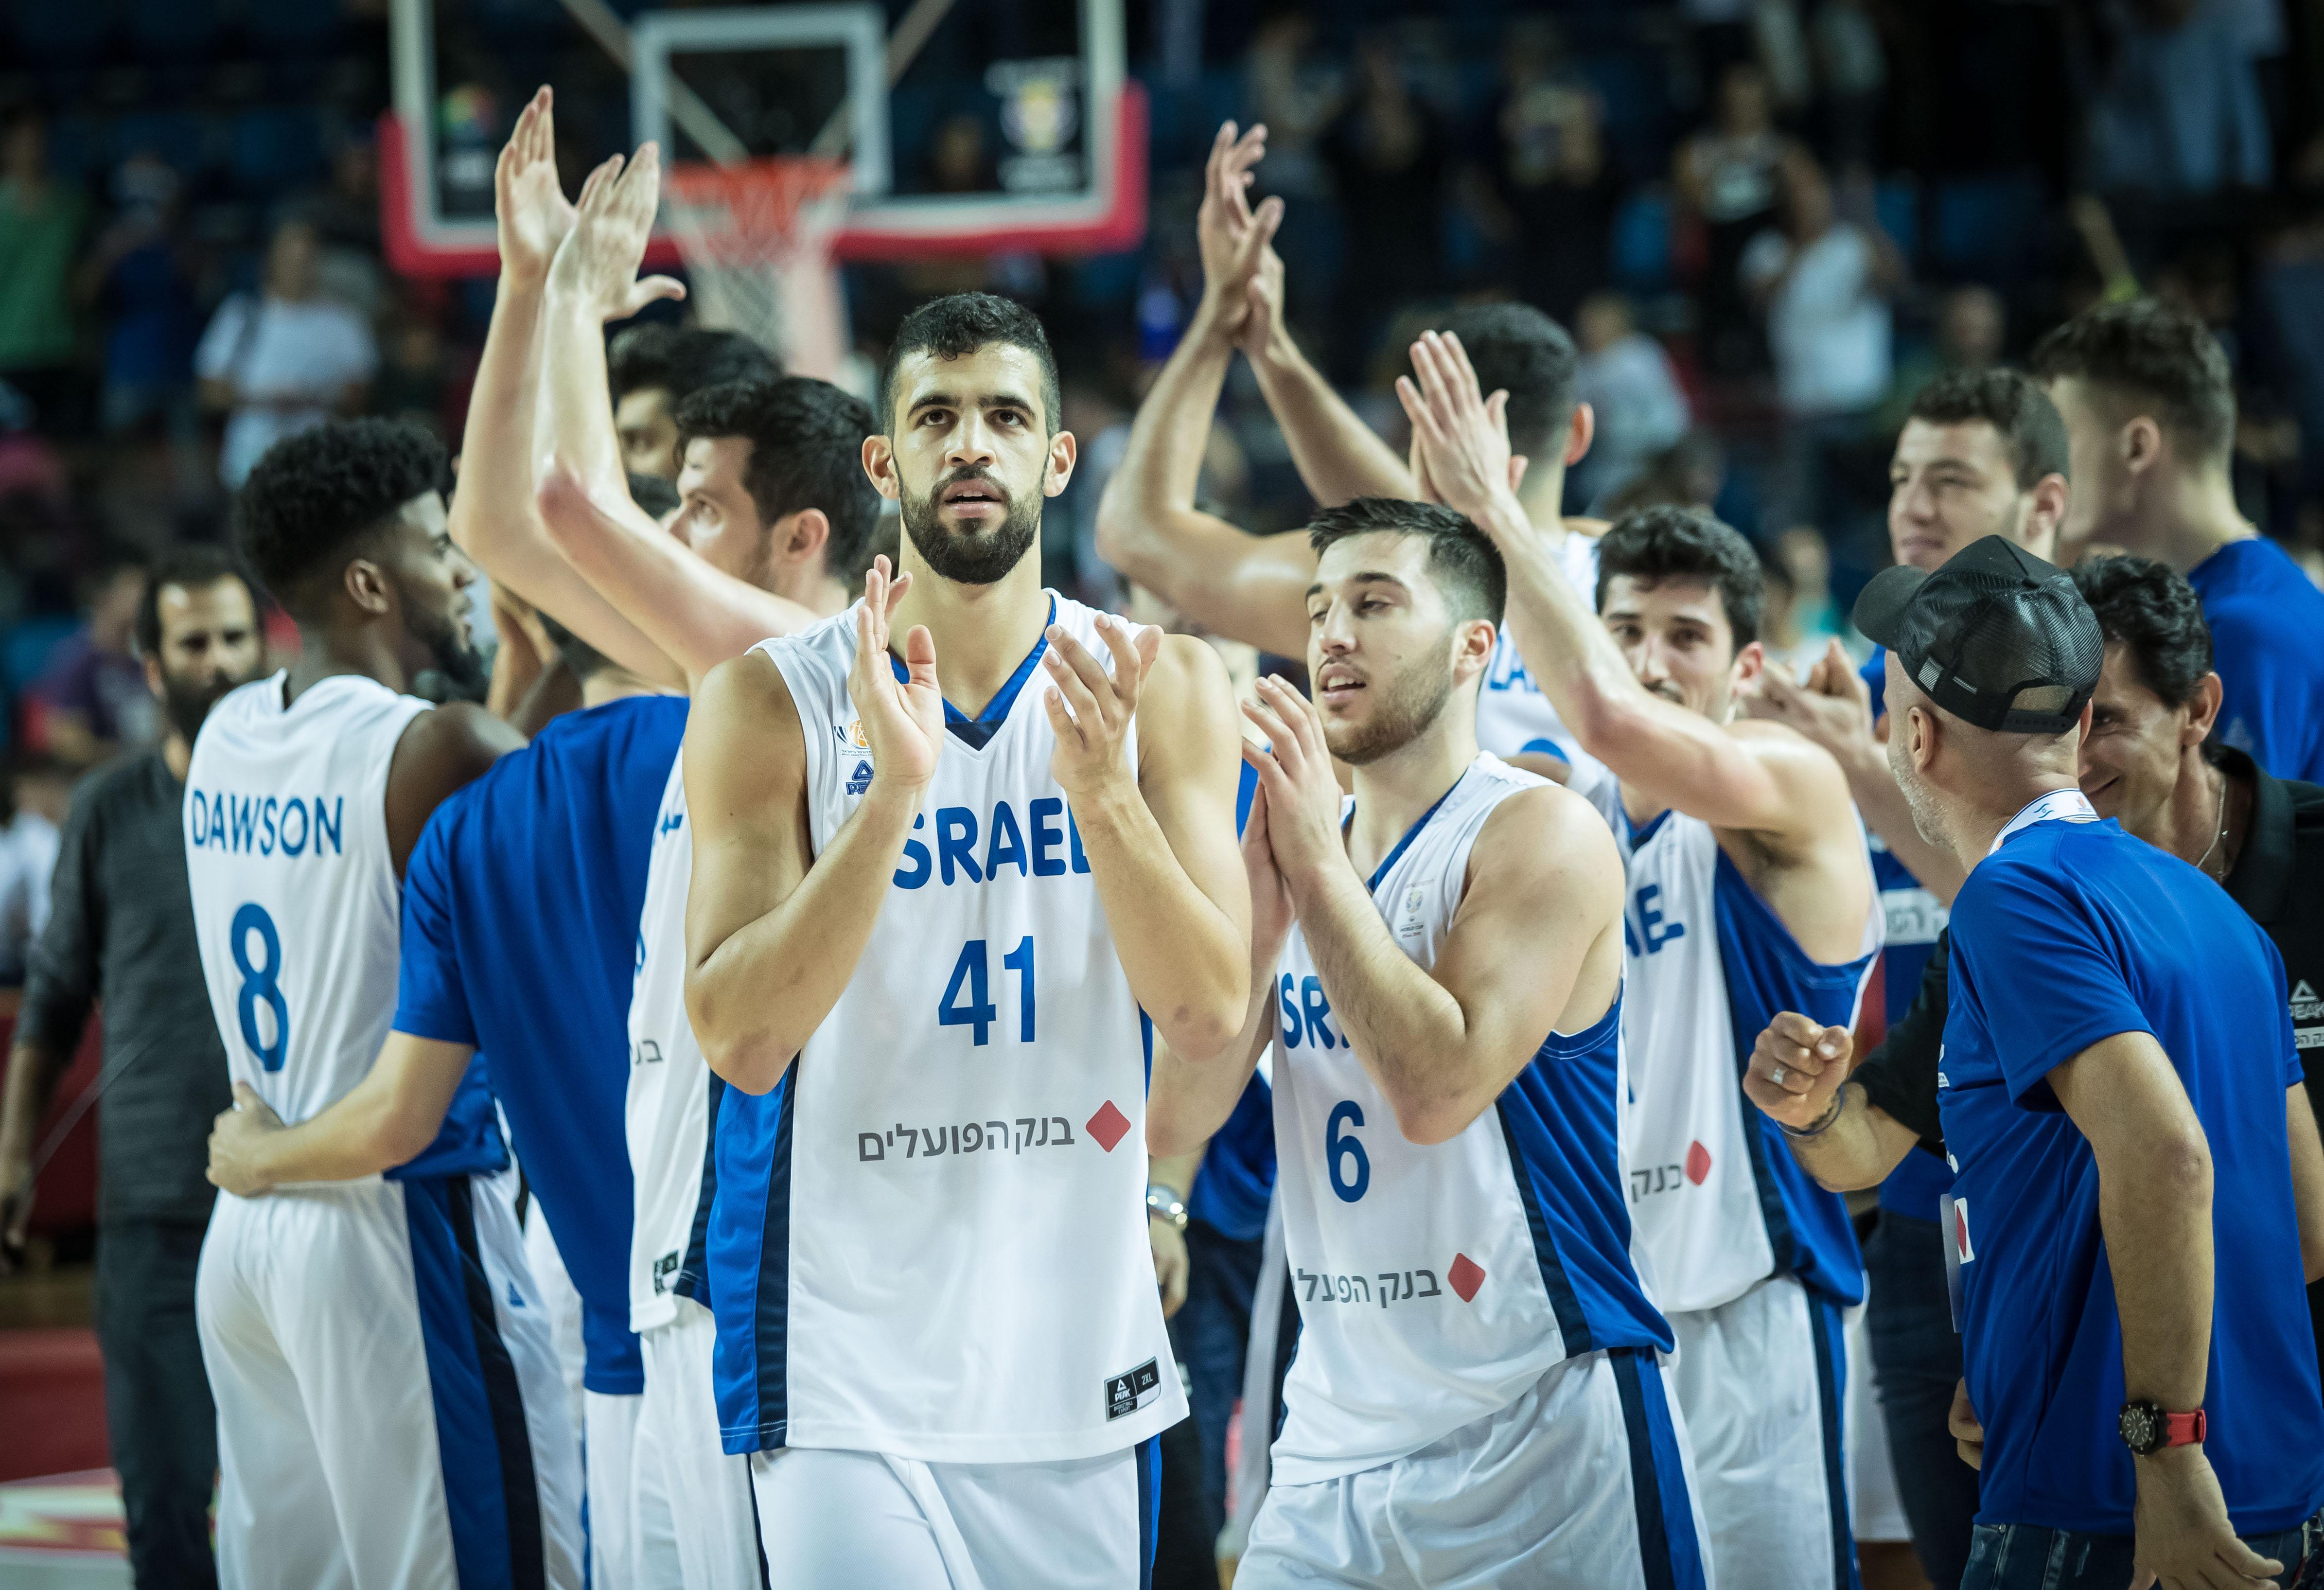 נקבע סגל נבחרת ישראל למשחקים נגד פולין ורומניה